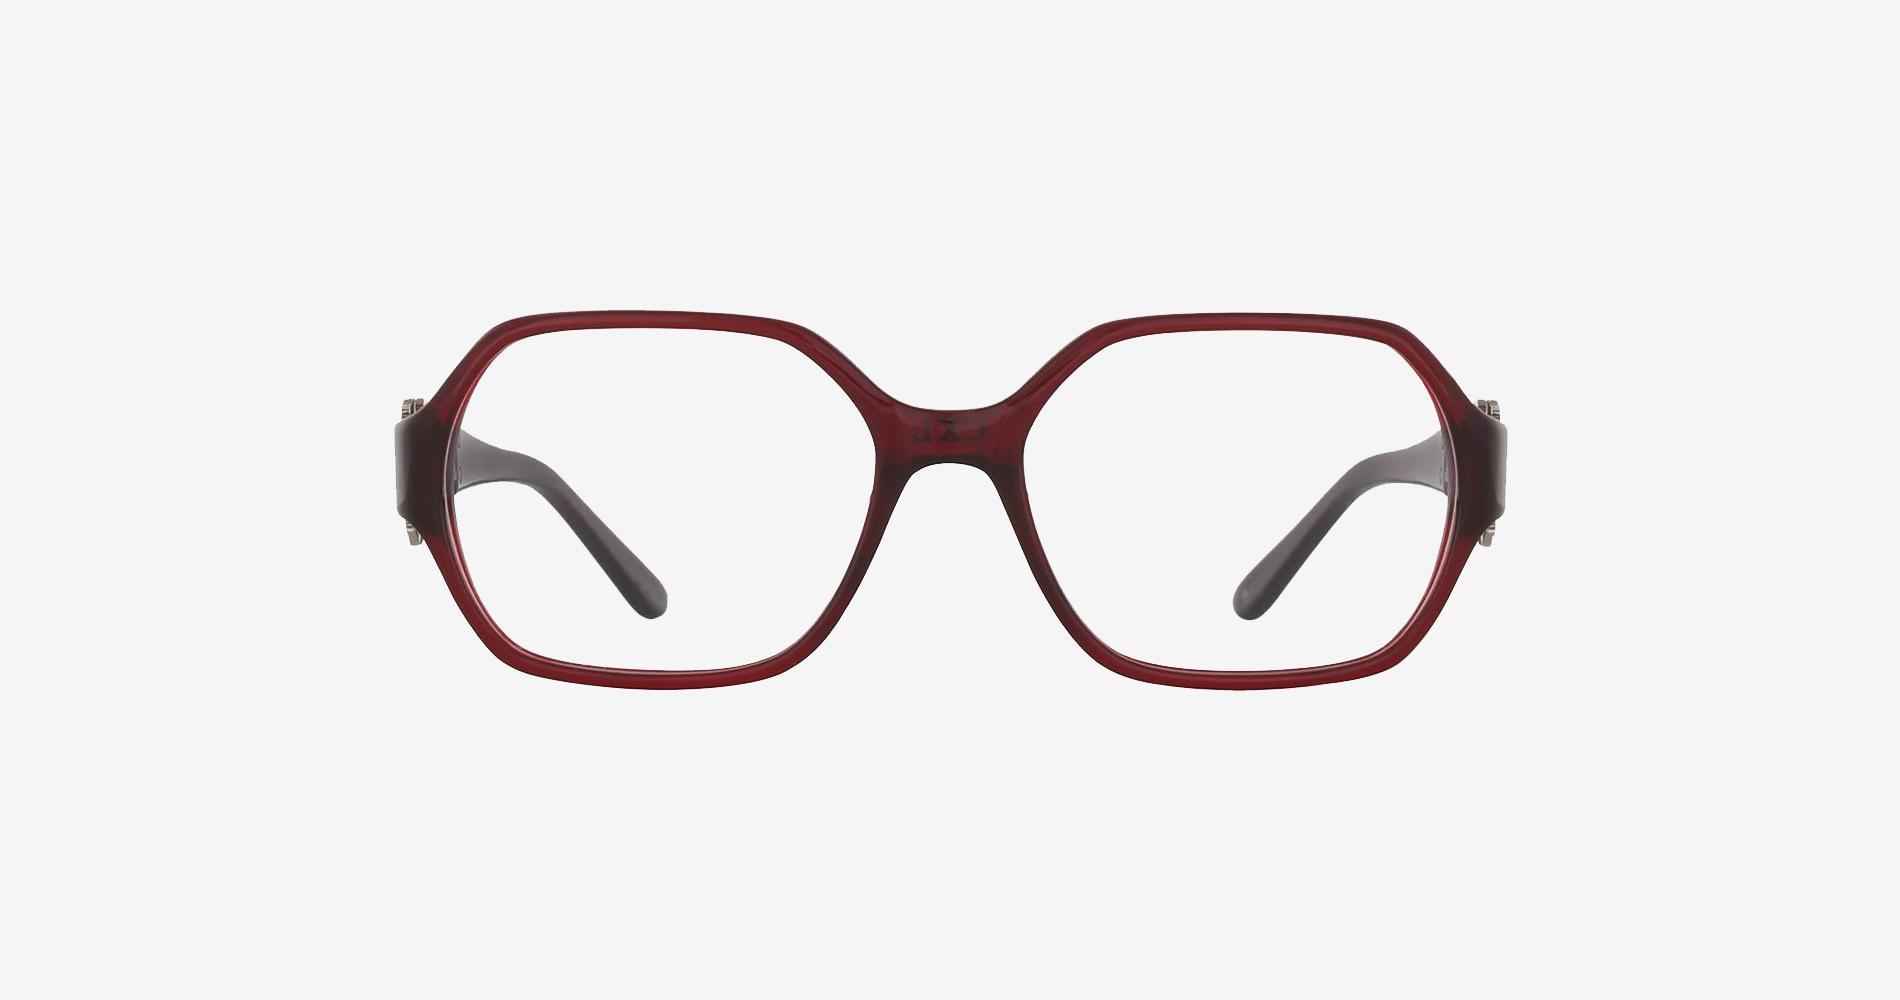 8b7265d9d086 Comment choisir des lunettes qui me vont vraiment   - Madame Figaro